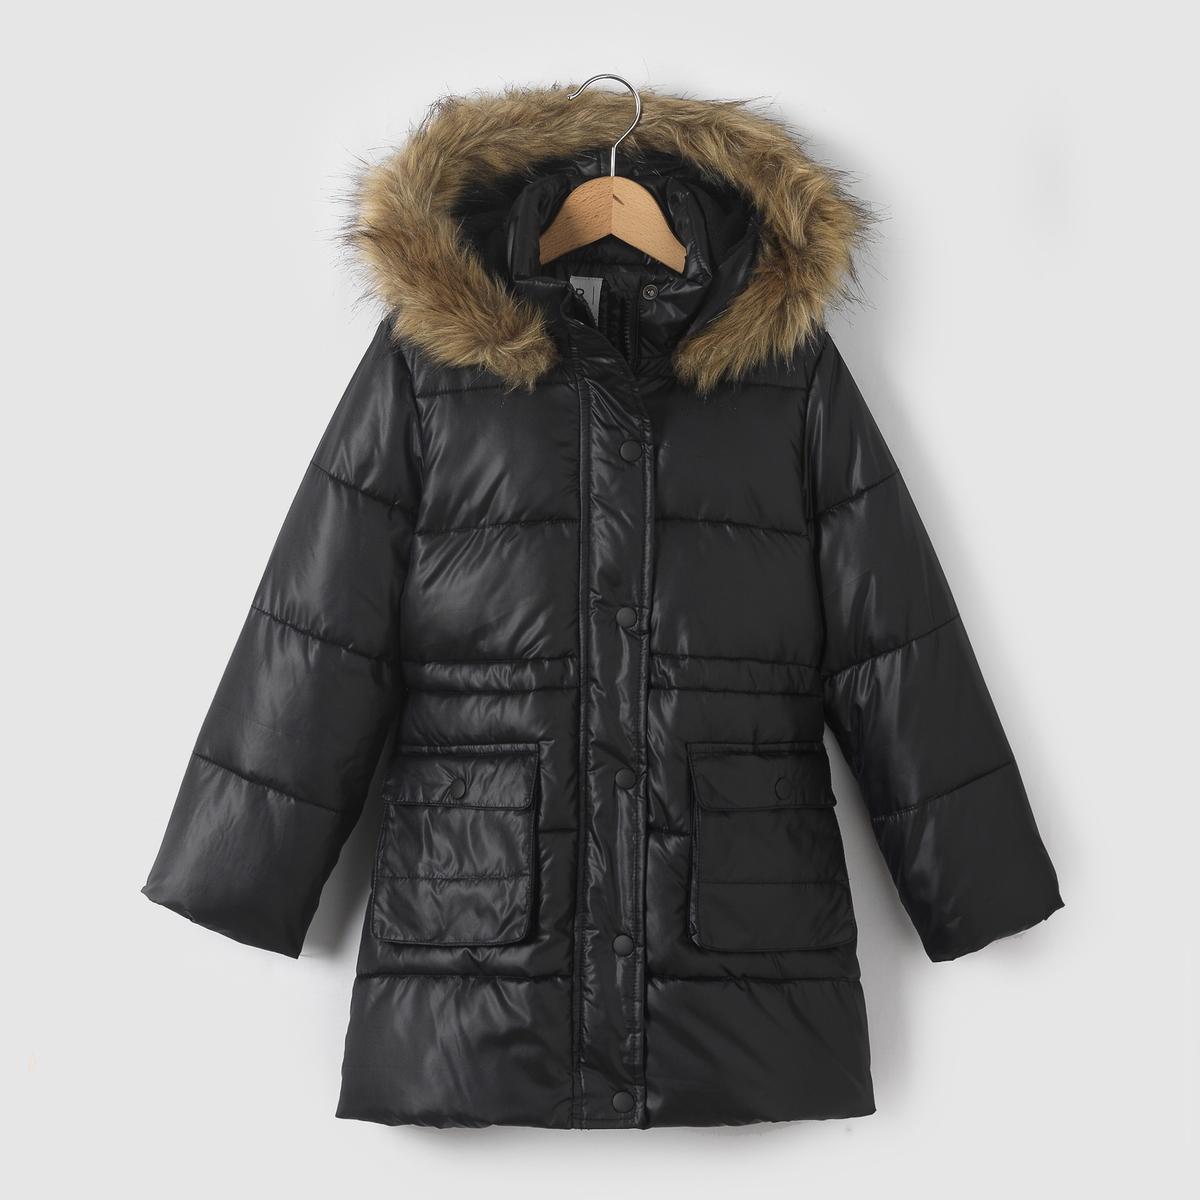 Стеганая куртка с капюшоном 3-12 лет куртка из твида 3 12 лет